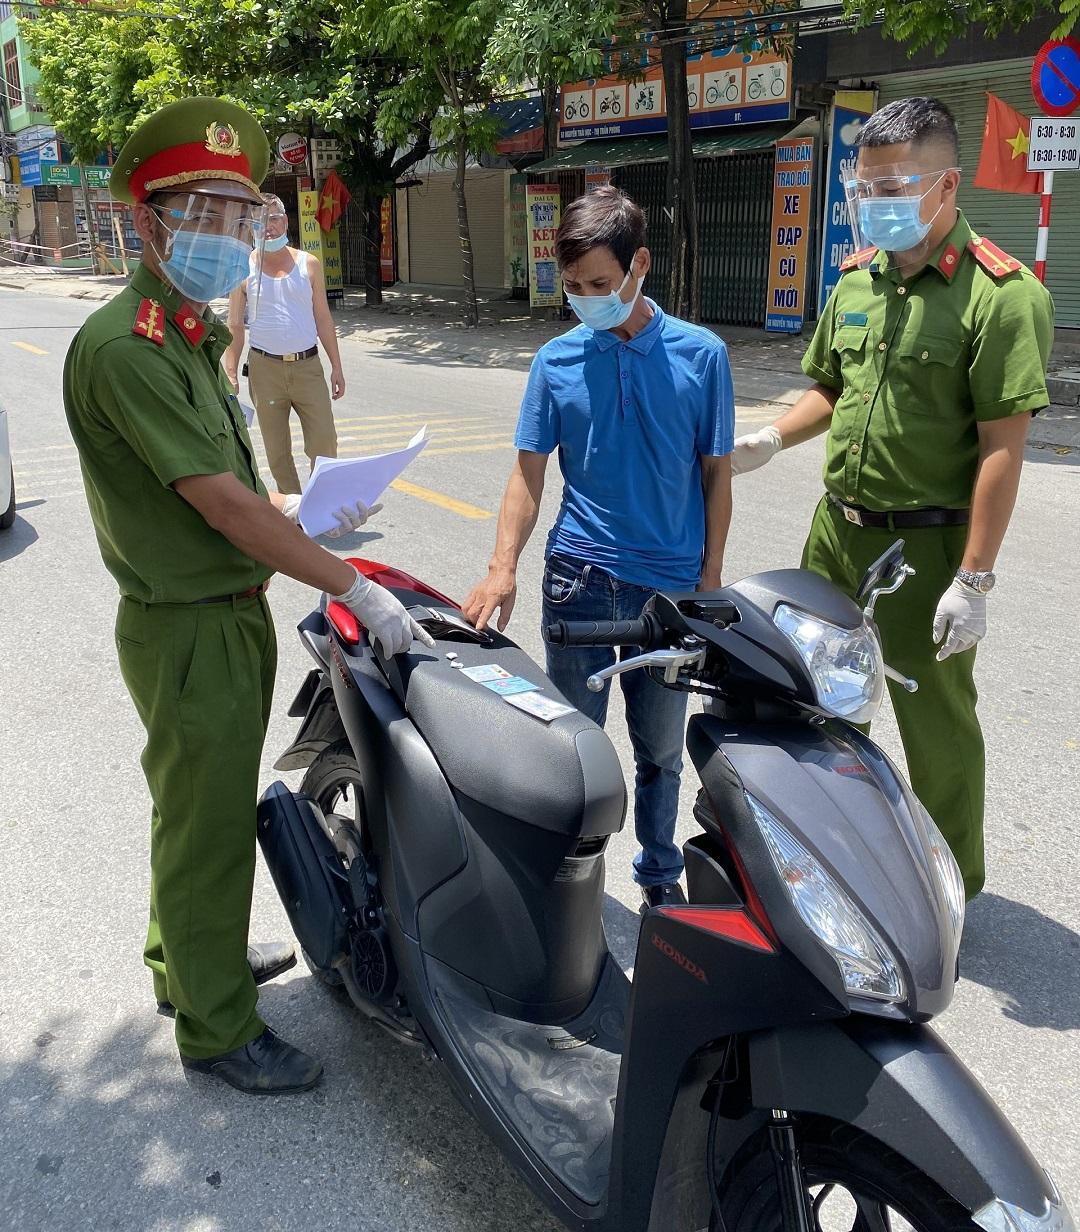 Ngày giãn cách thứ 5, số tiền phạt người vi phạm ở Hà Nội còn nhiều hơn các ngày trước - Ảnh 2.